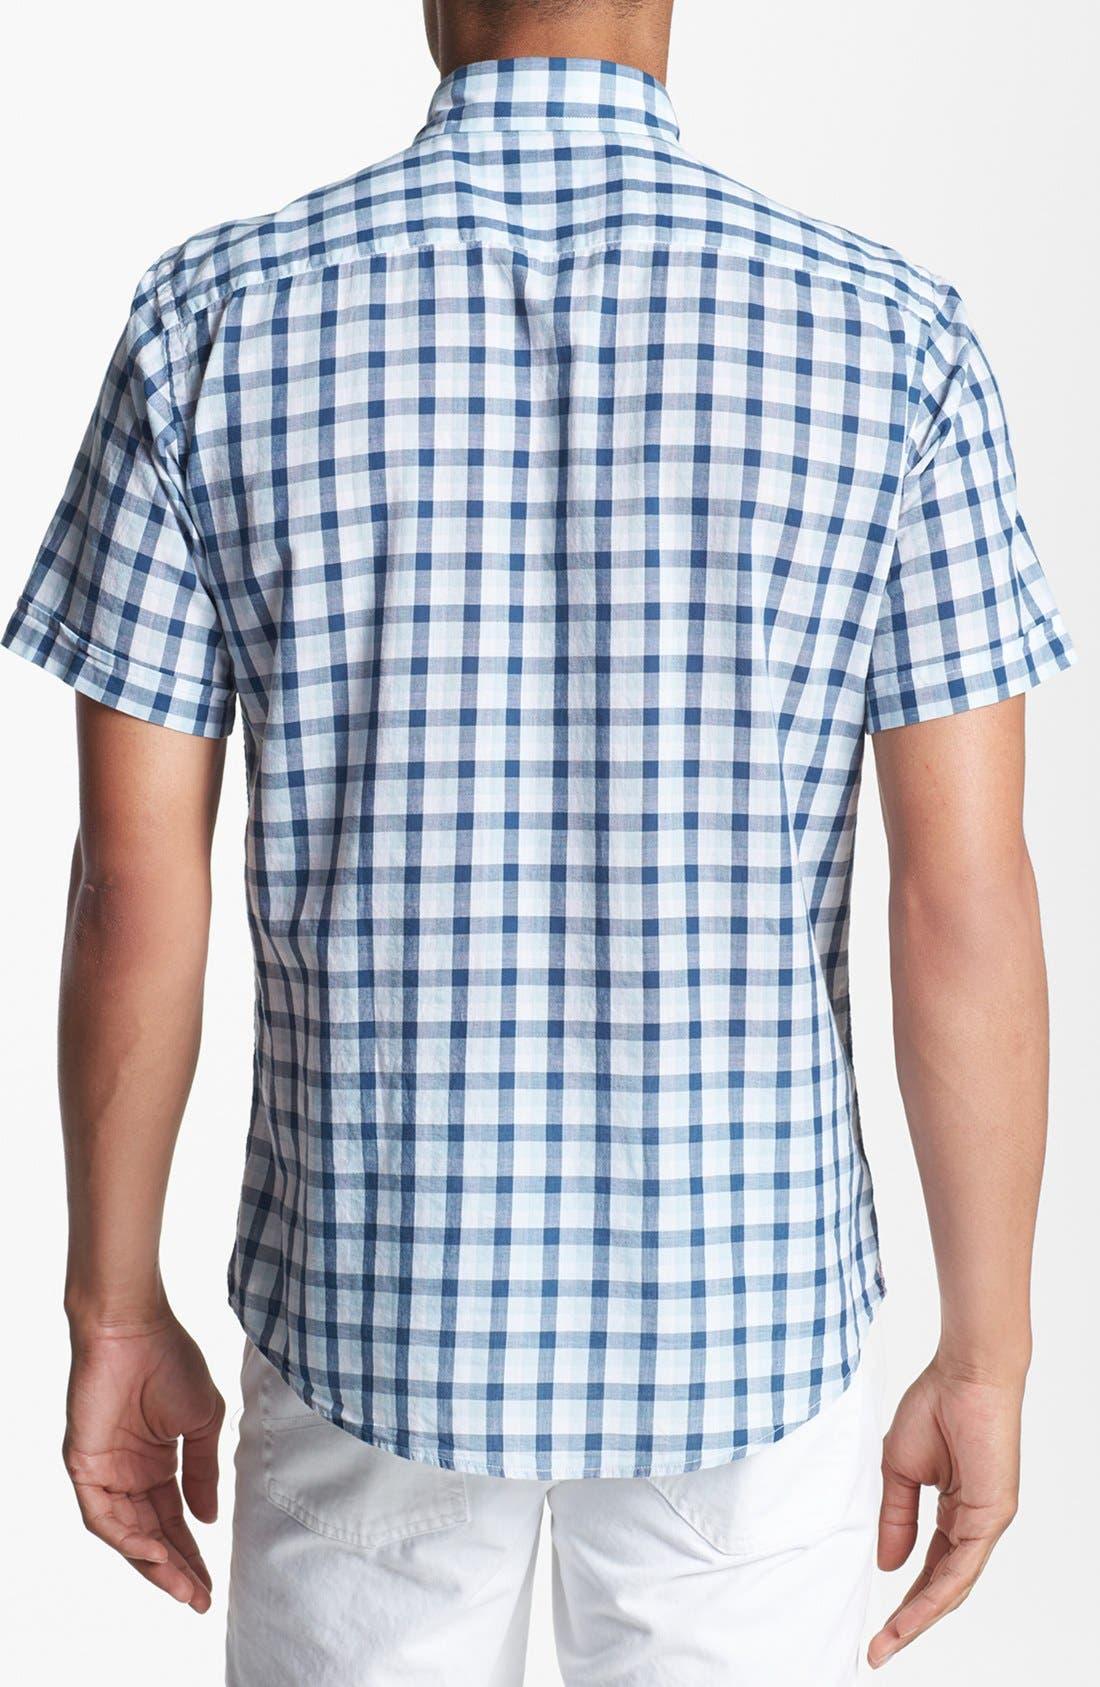 Alternate Image 2  - Benson Check Short Sleeve Sport Shirt